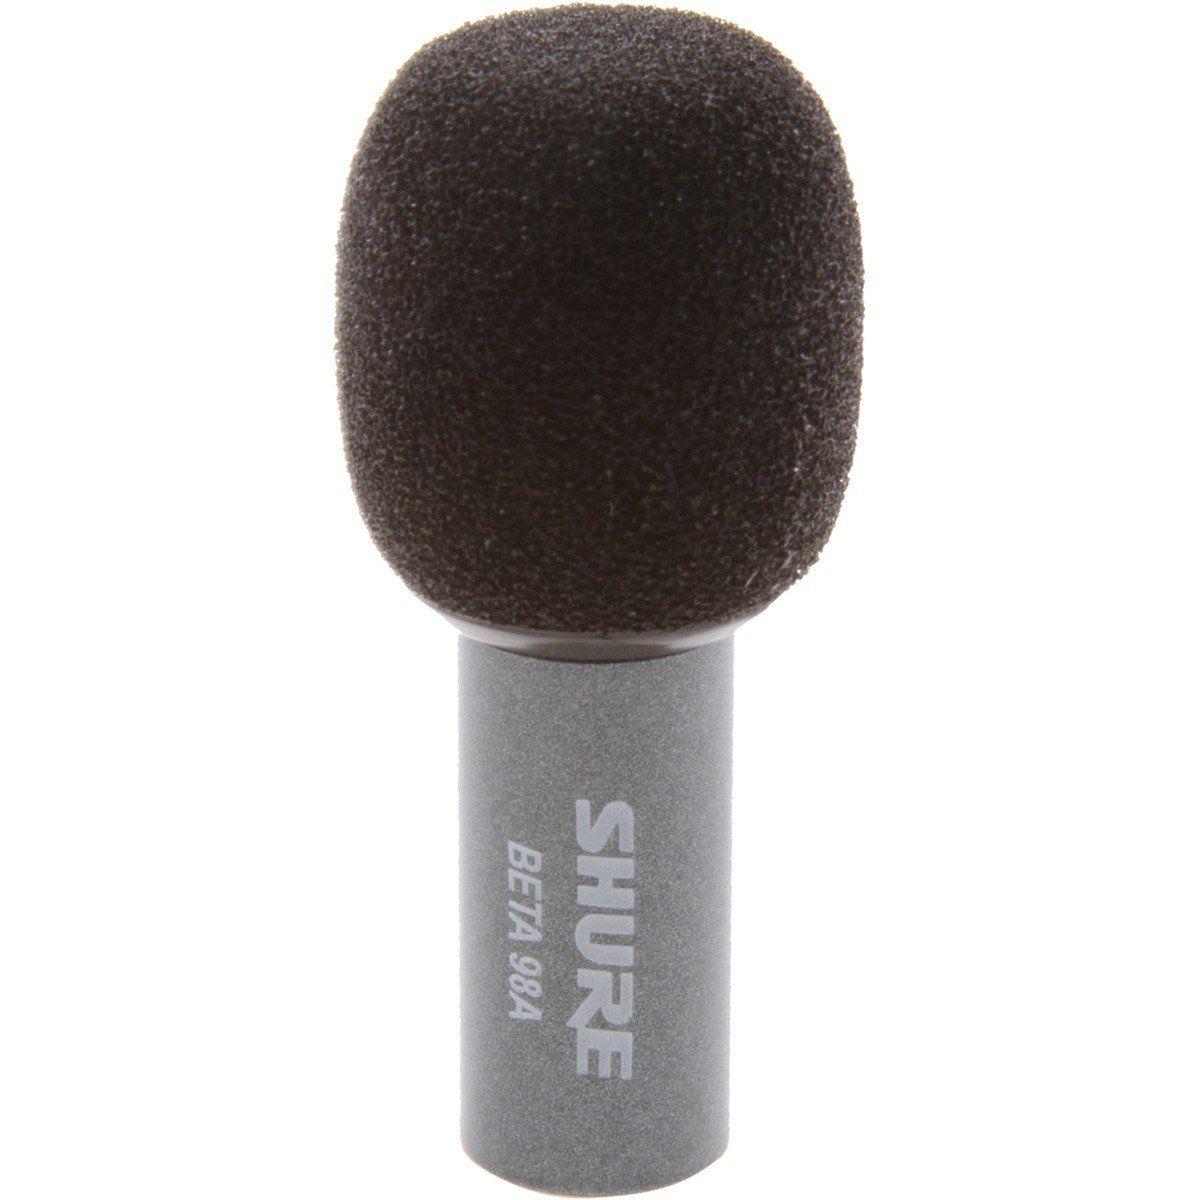 Shure Beta 98 AD/C Microfone Condensador Shure B98AD/C para Instrumentos de Percussão